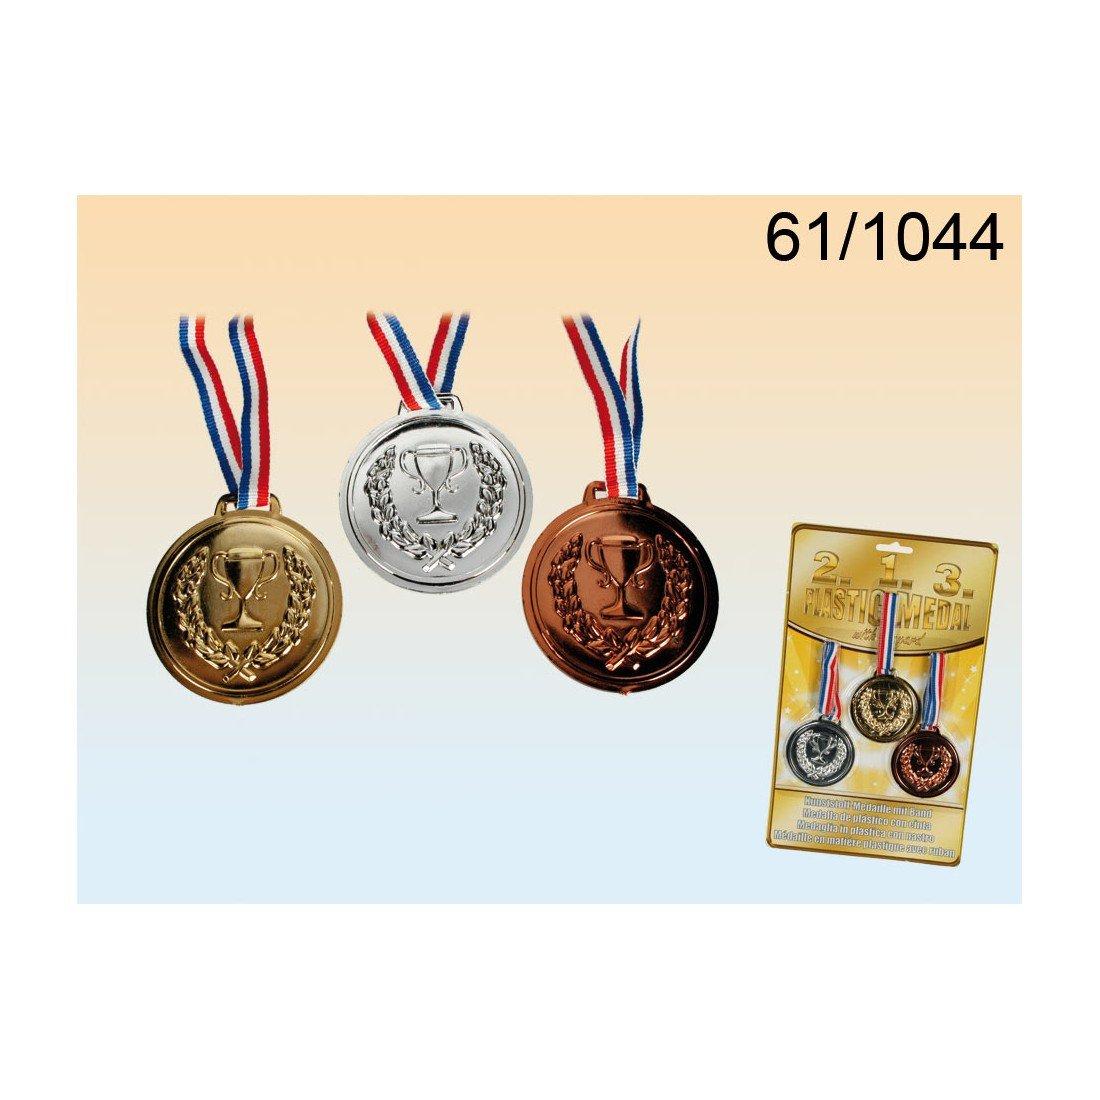 Medallas de plástico falso - Medalla con la cinta - oro, plata y bronce - Competencia - Olimpiadas ToyCentre